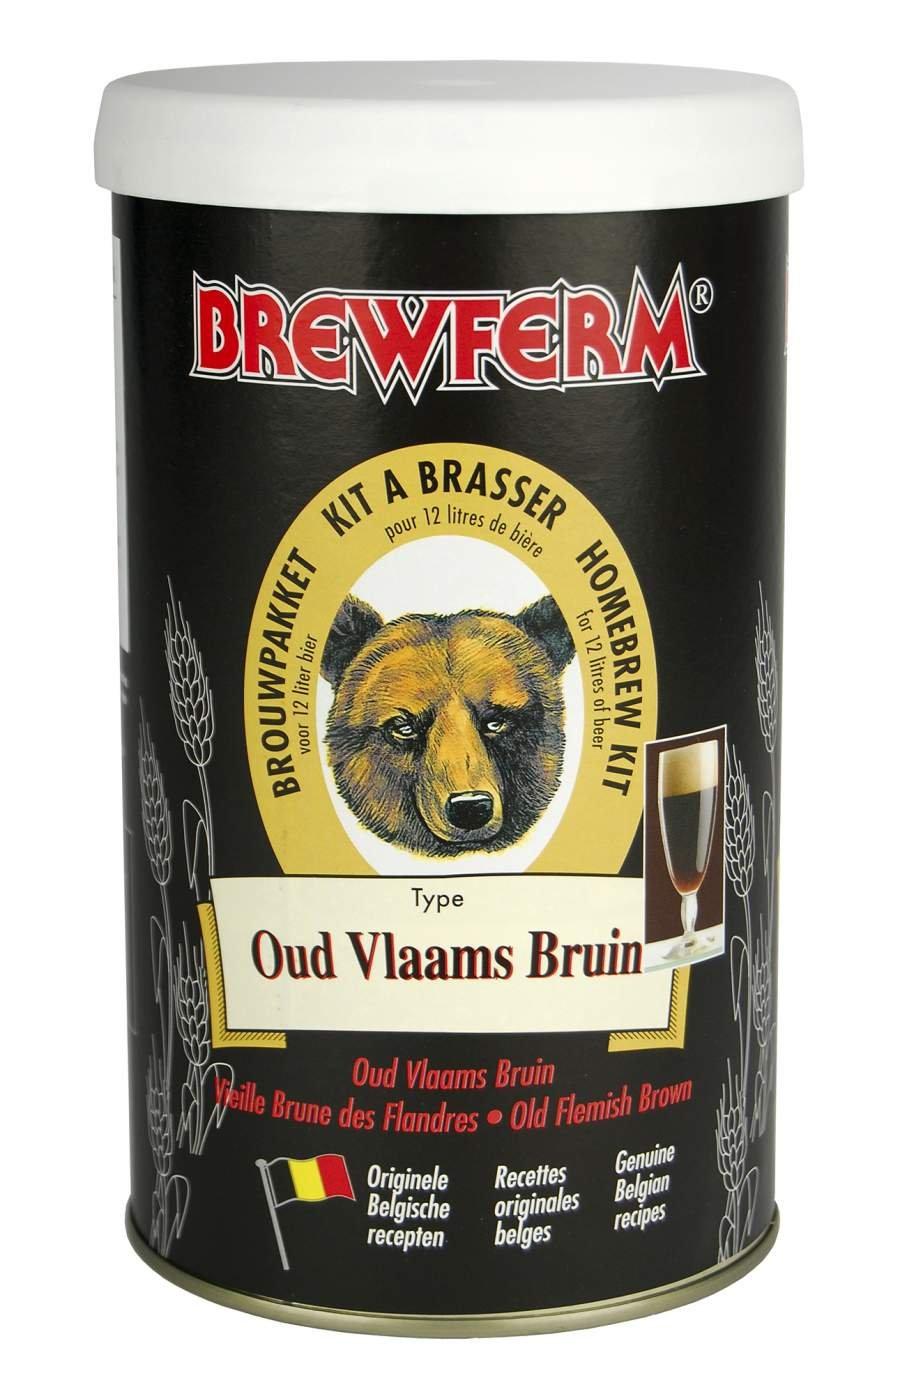 Brewferm 1, 5kg Altflämisch Braun Bierkit zum Bier brauen 056.065.5